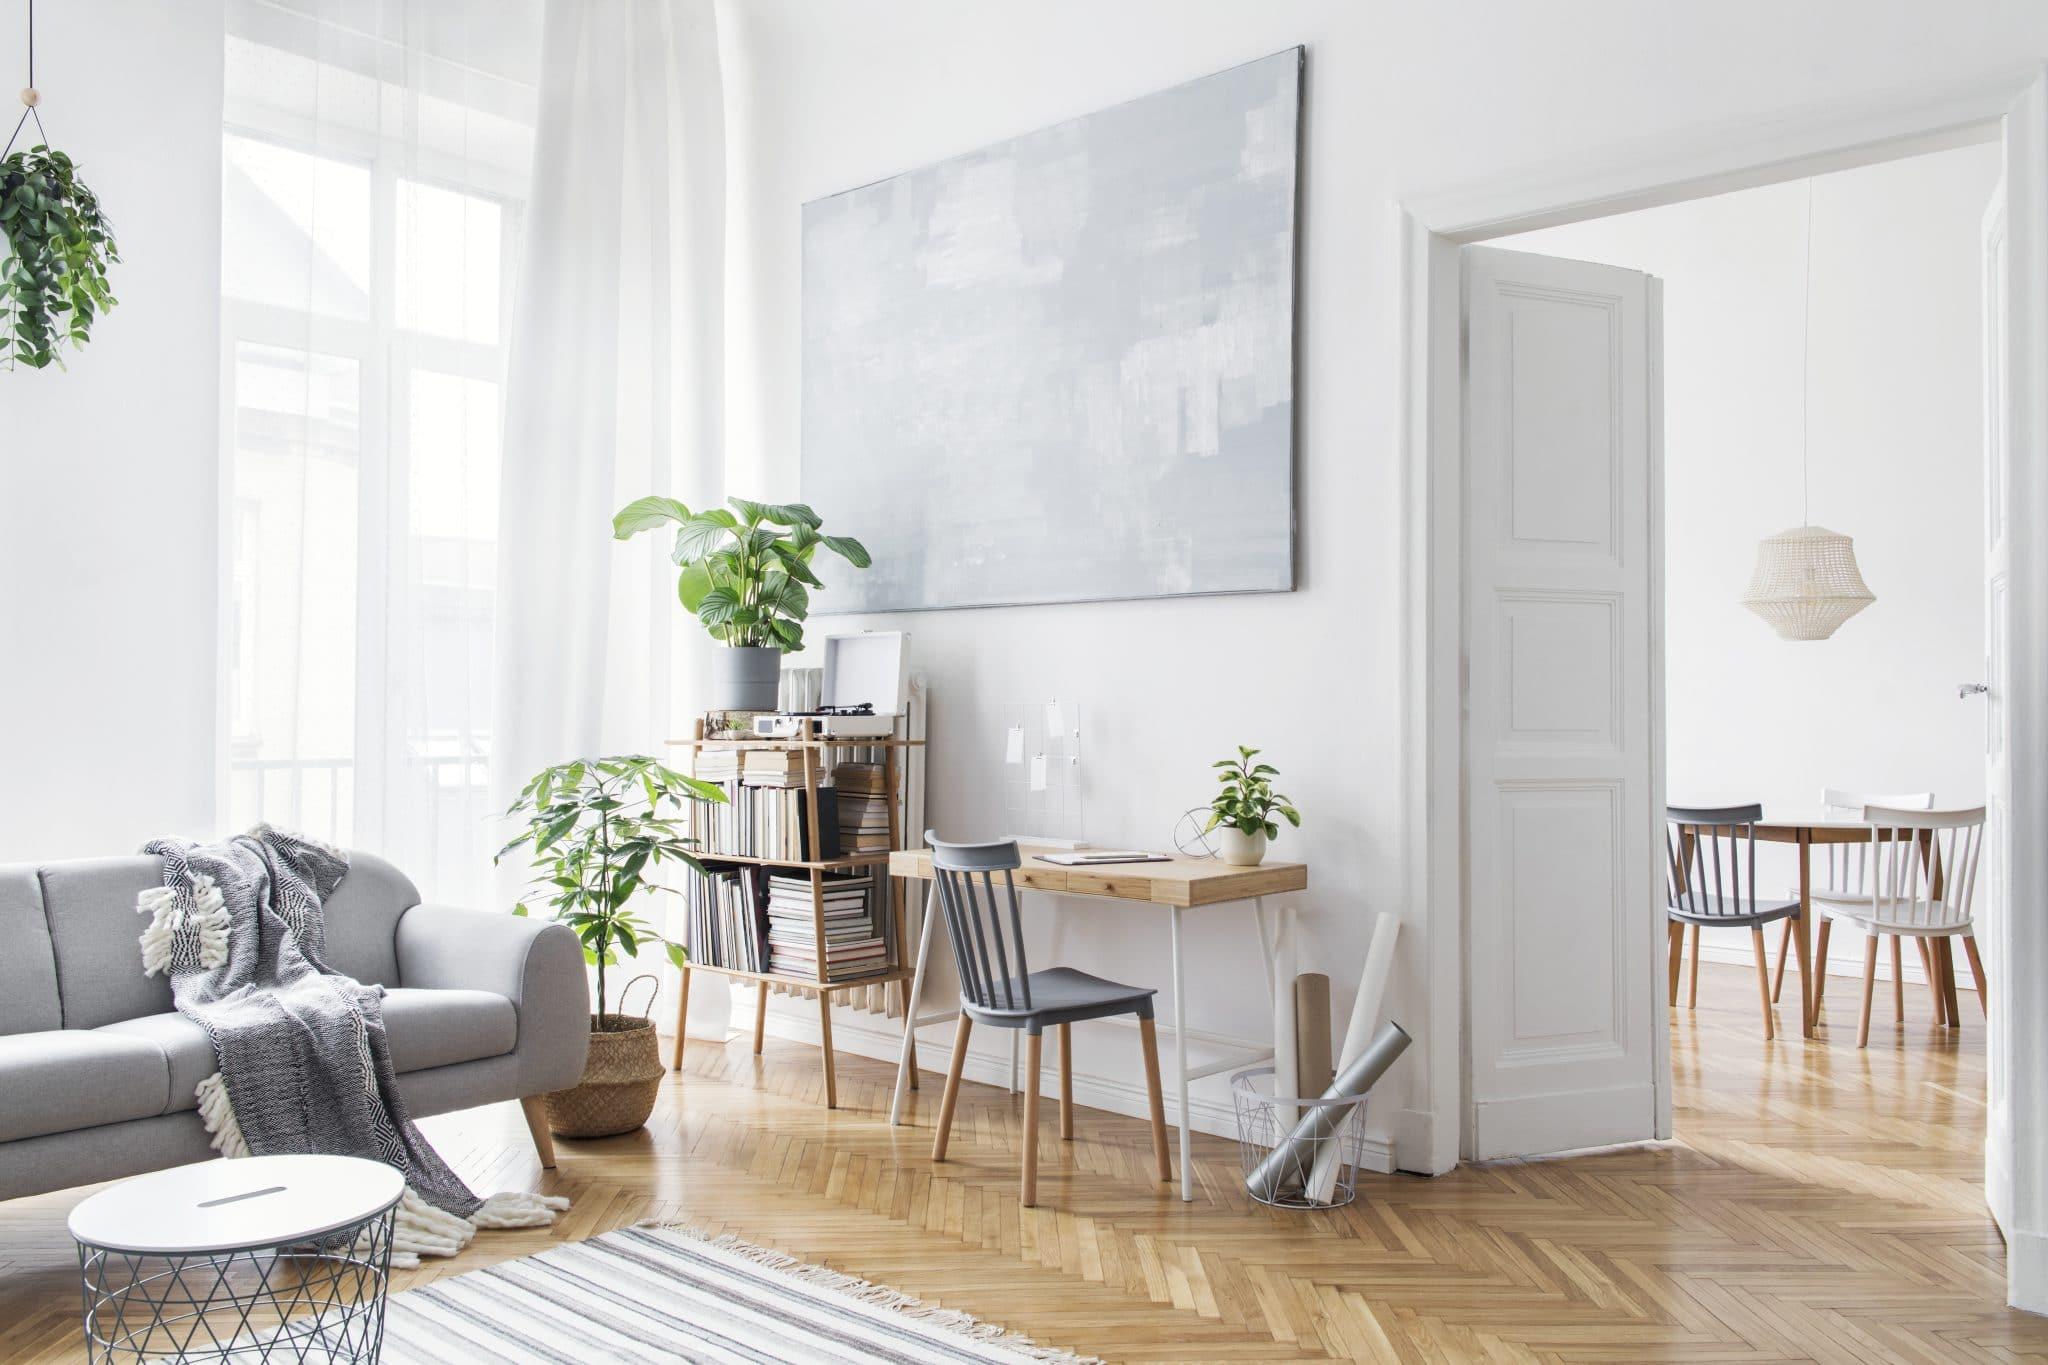 Rénovation de maison à Angoulême (16)